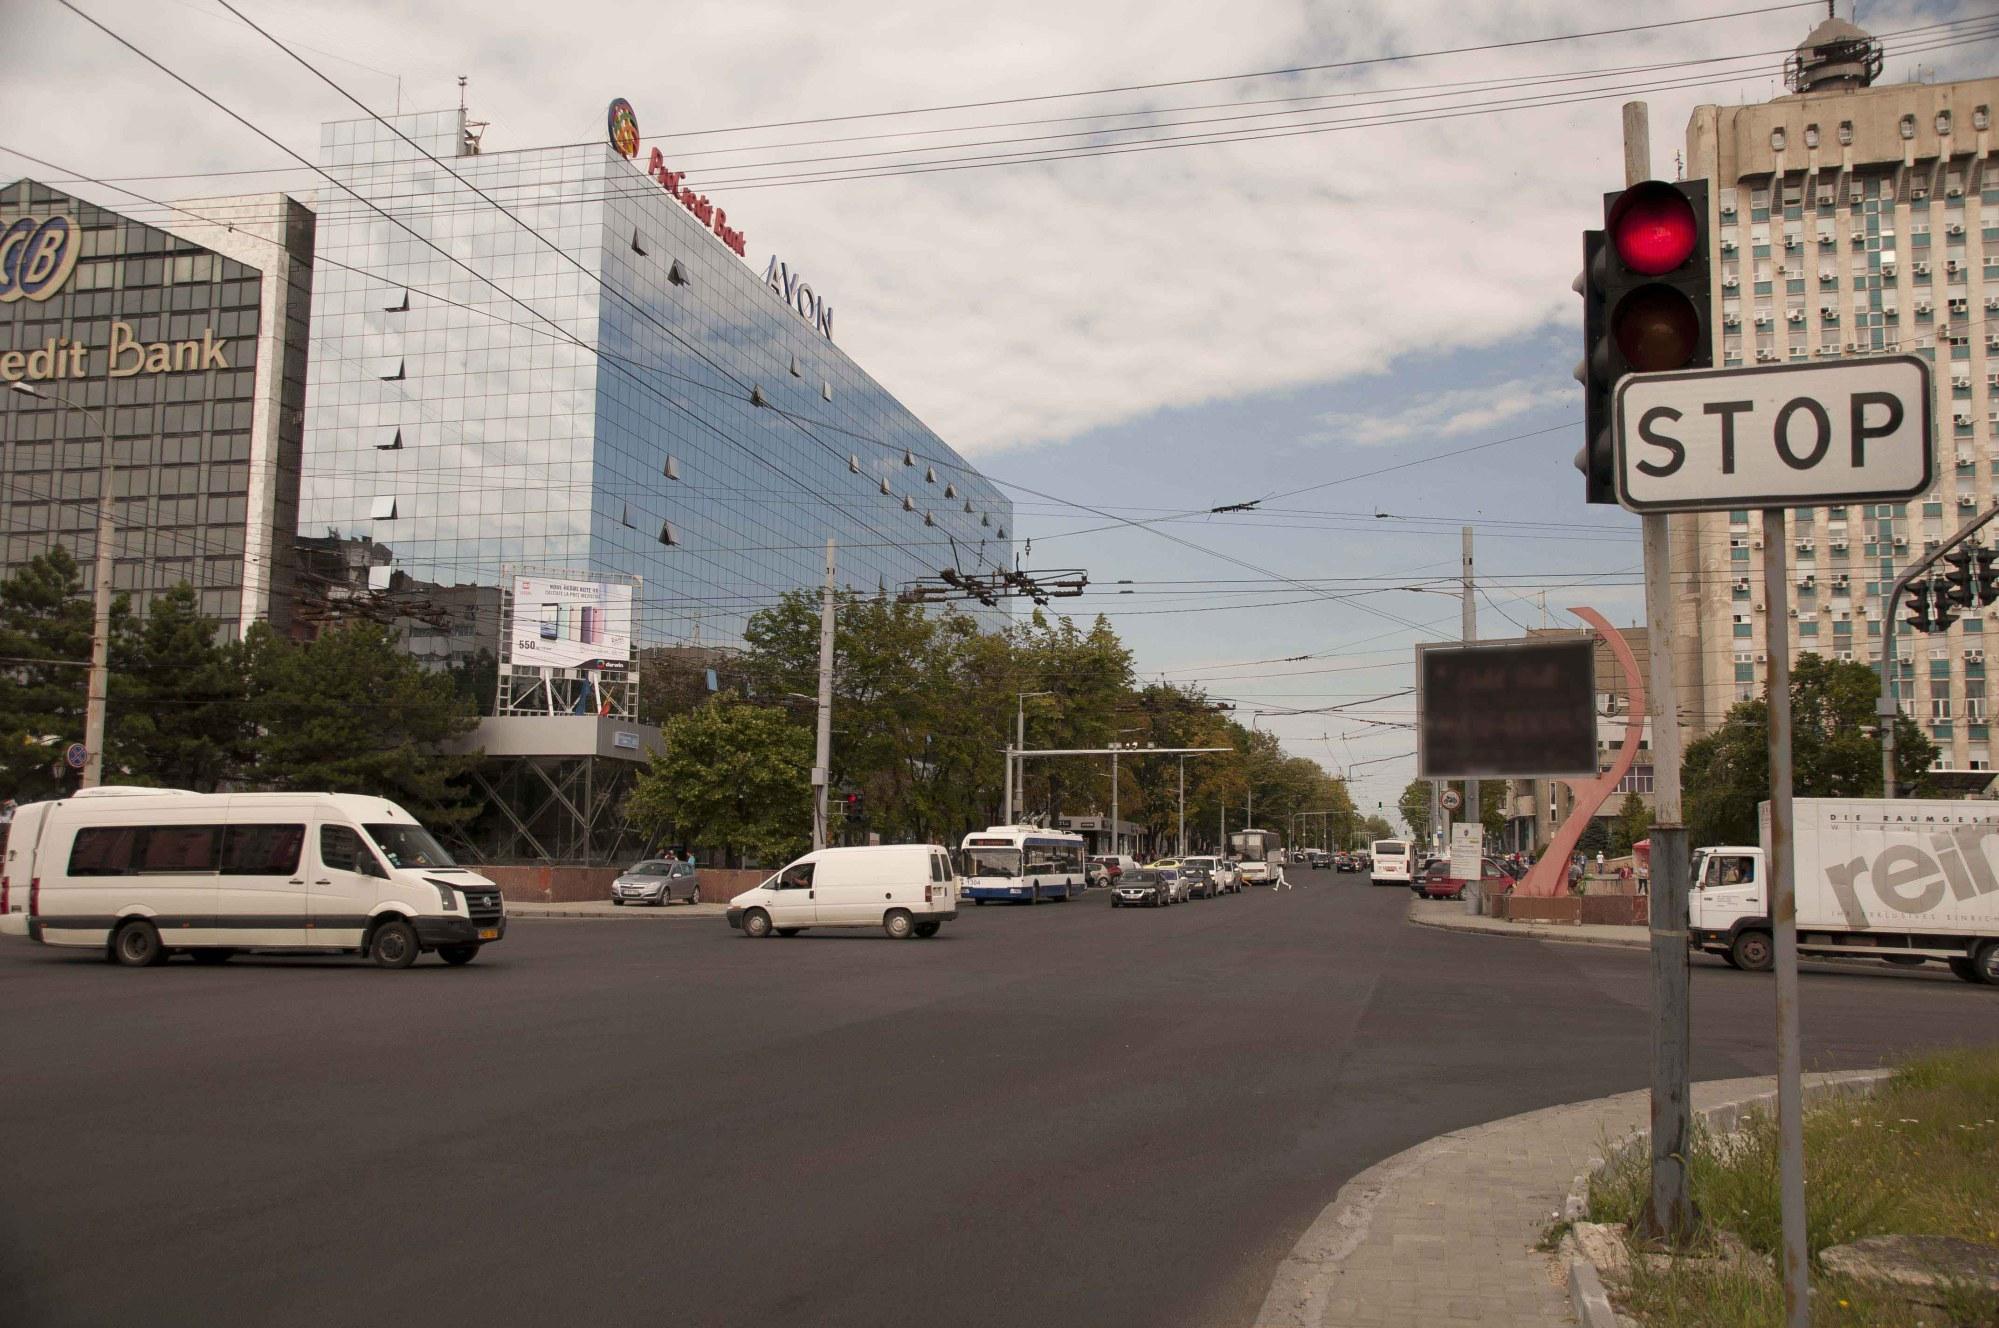 СМИ: Поставка плитки для ремонта бульвара Штефана чел Маре приостановлена из-за долгов примэрии (ФОТО)